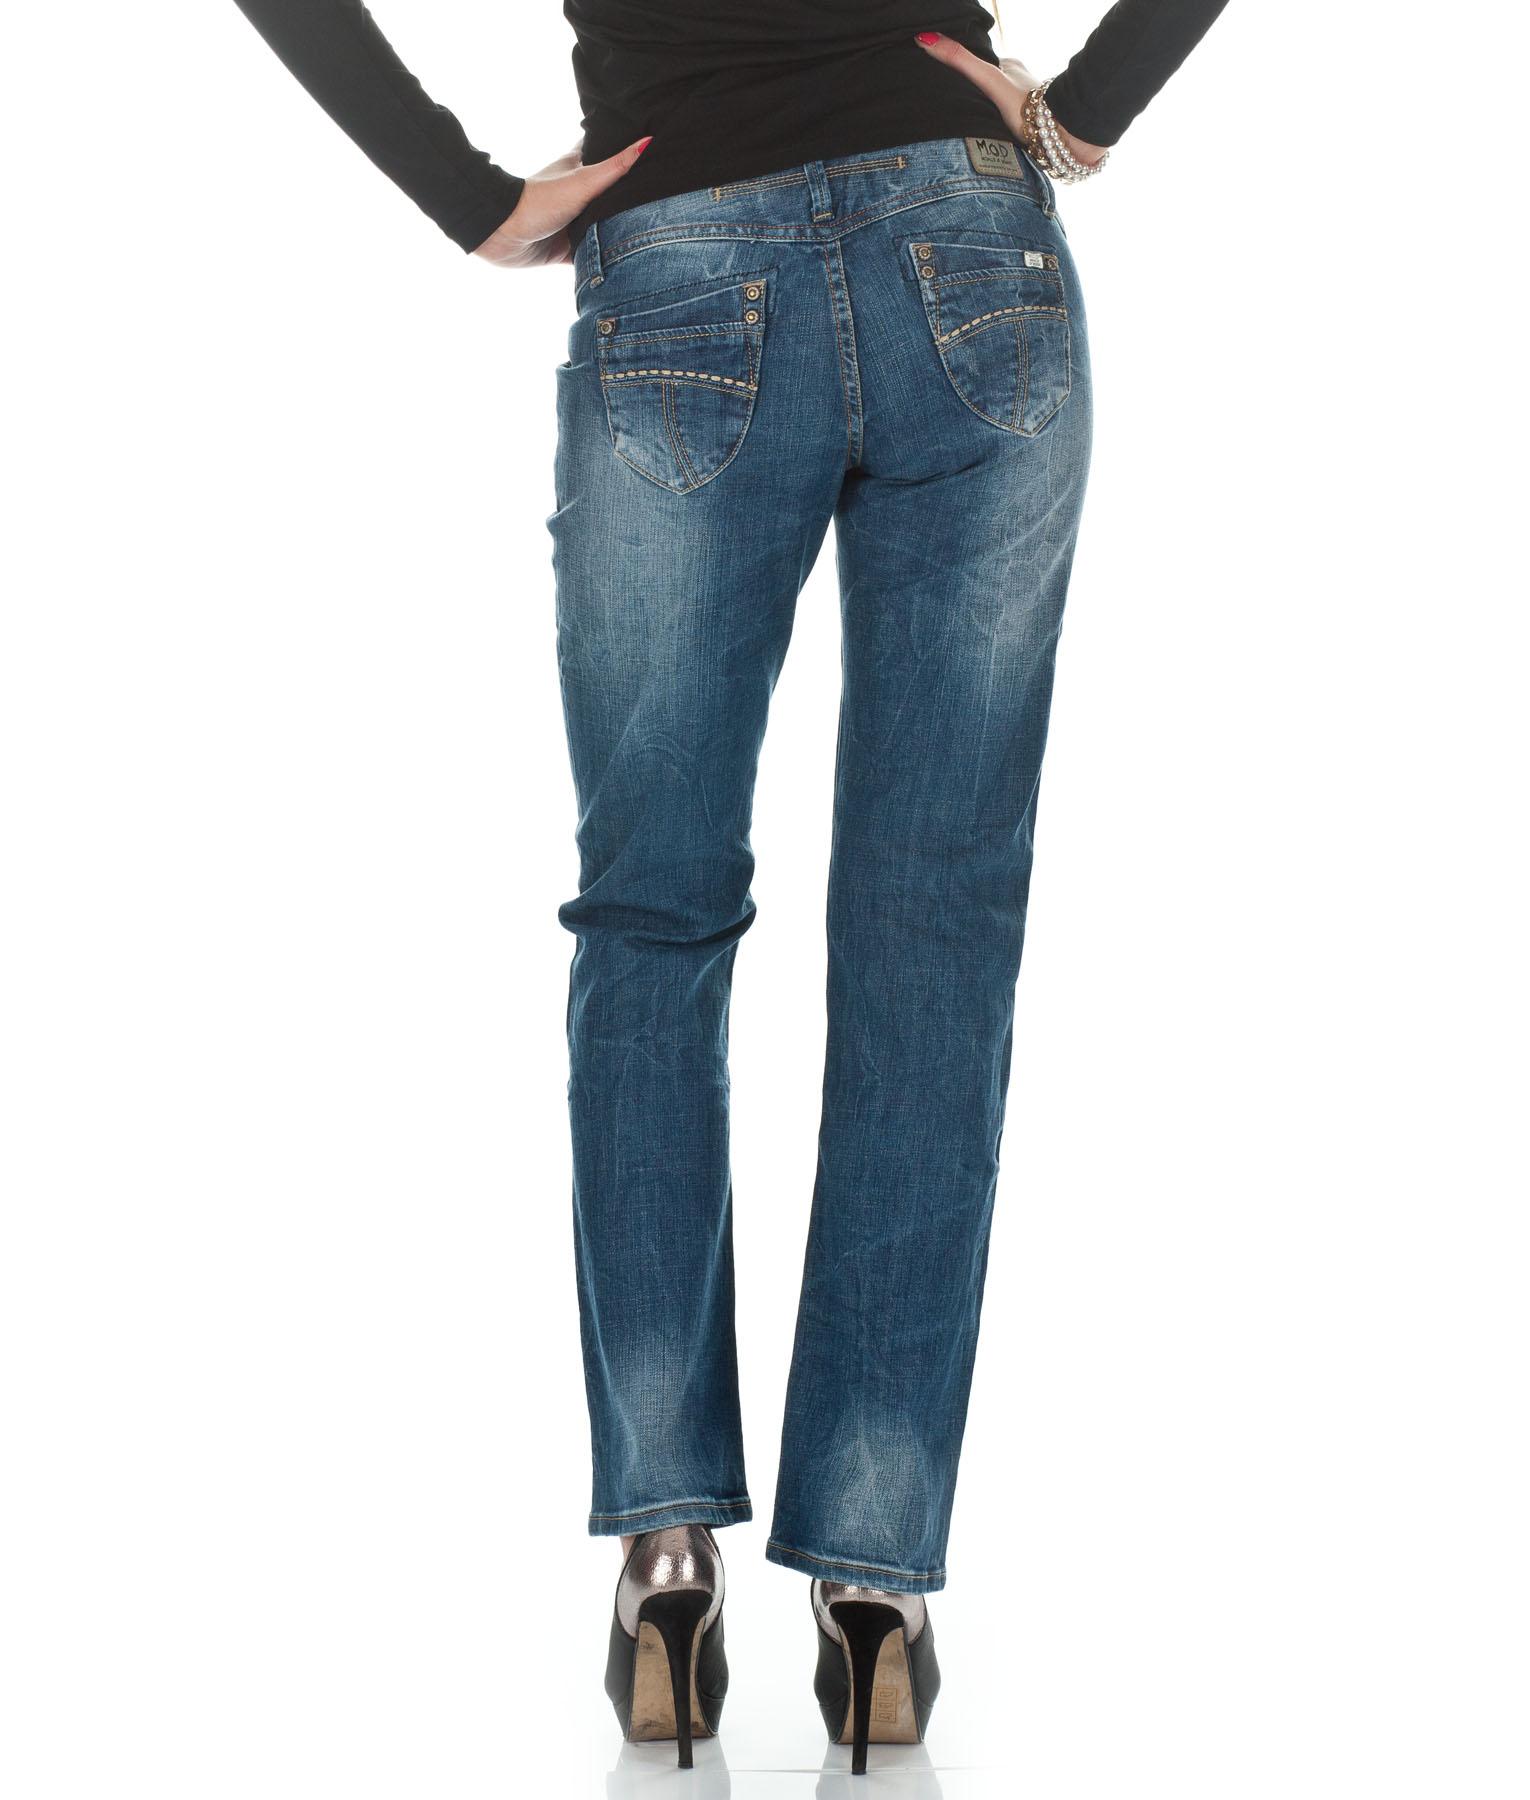 m o d jeans damen hose monopol 2012 star mod 4468 blau d g ebay. Black Bedroom Furniture Sets. Home Design Ideas